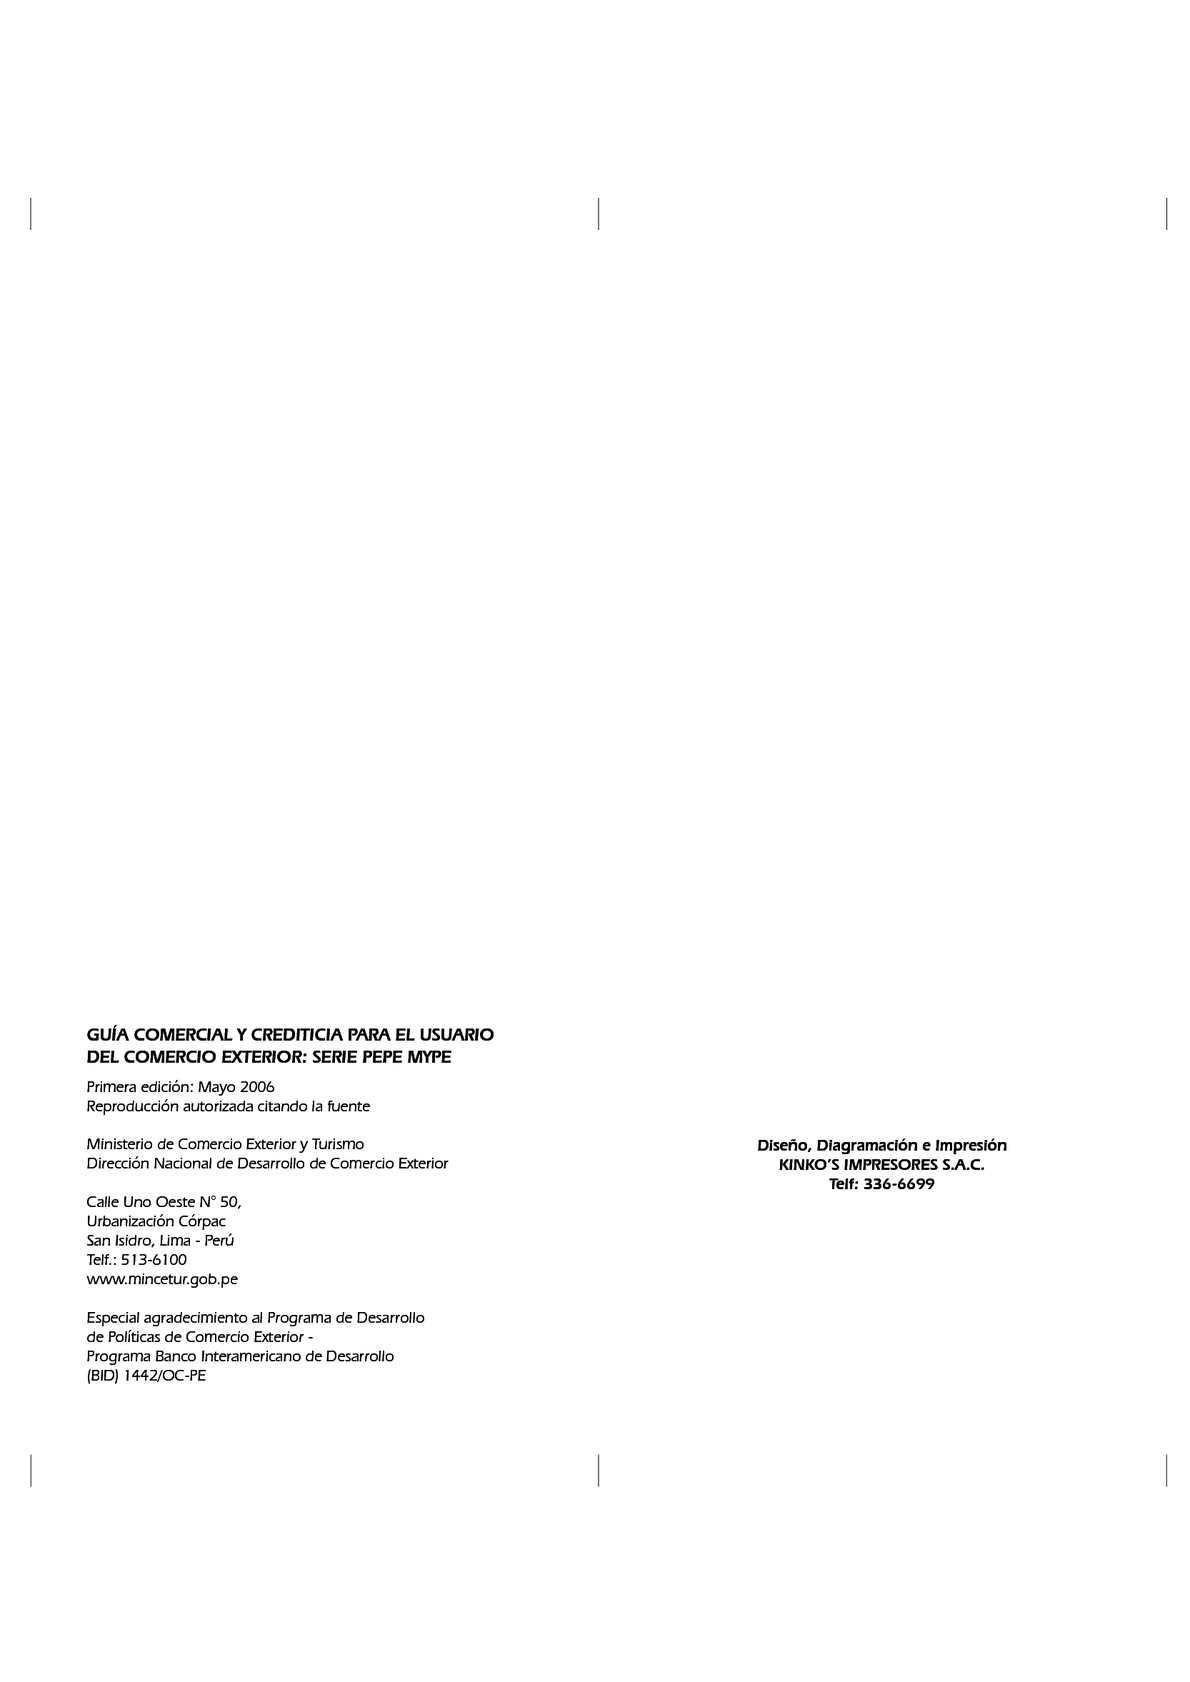 Circuito And : 2. circuito exportador calameo downloader